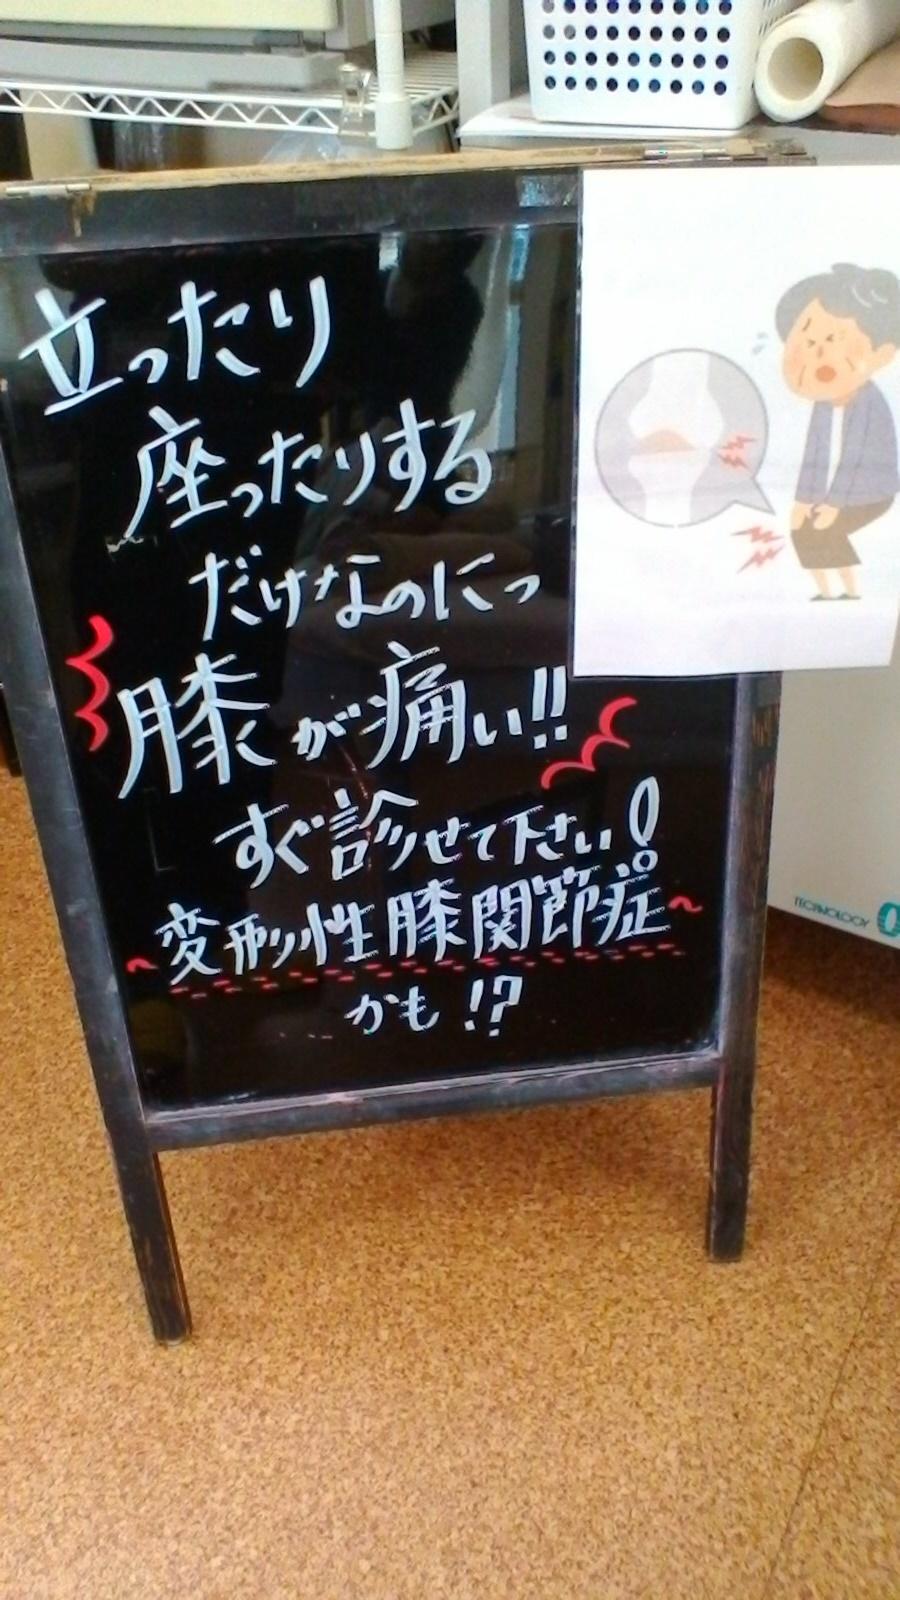 hizahizahiza.jpg